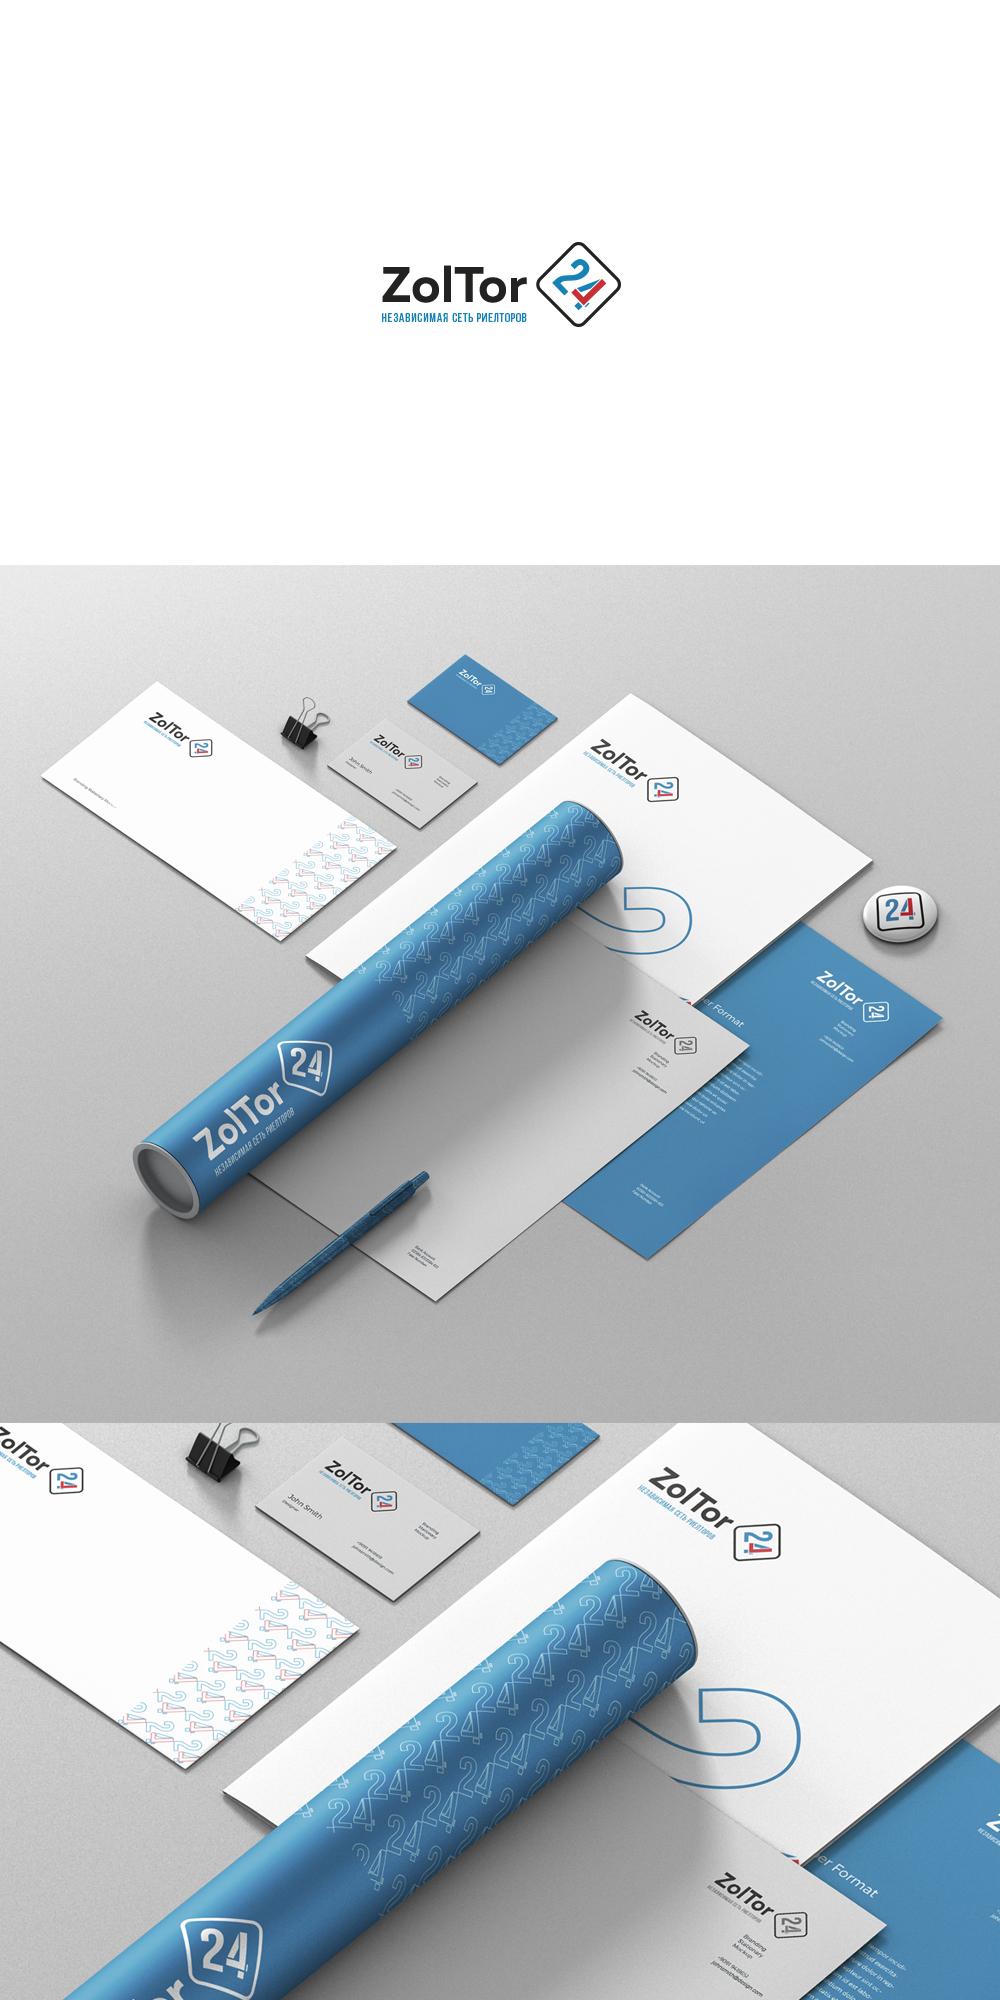 Логотип и фирменный стиль ZolTor24 фото f_7995c8f7c9728db9.jpg